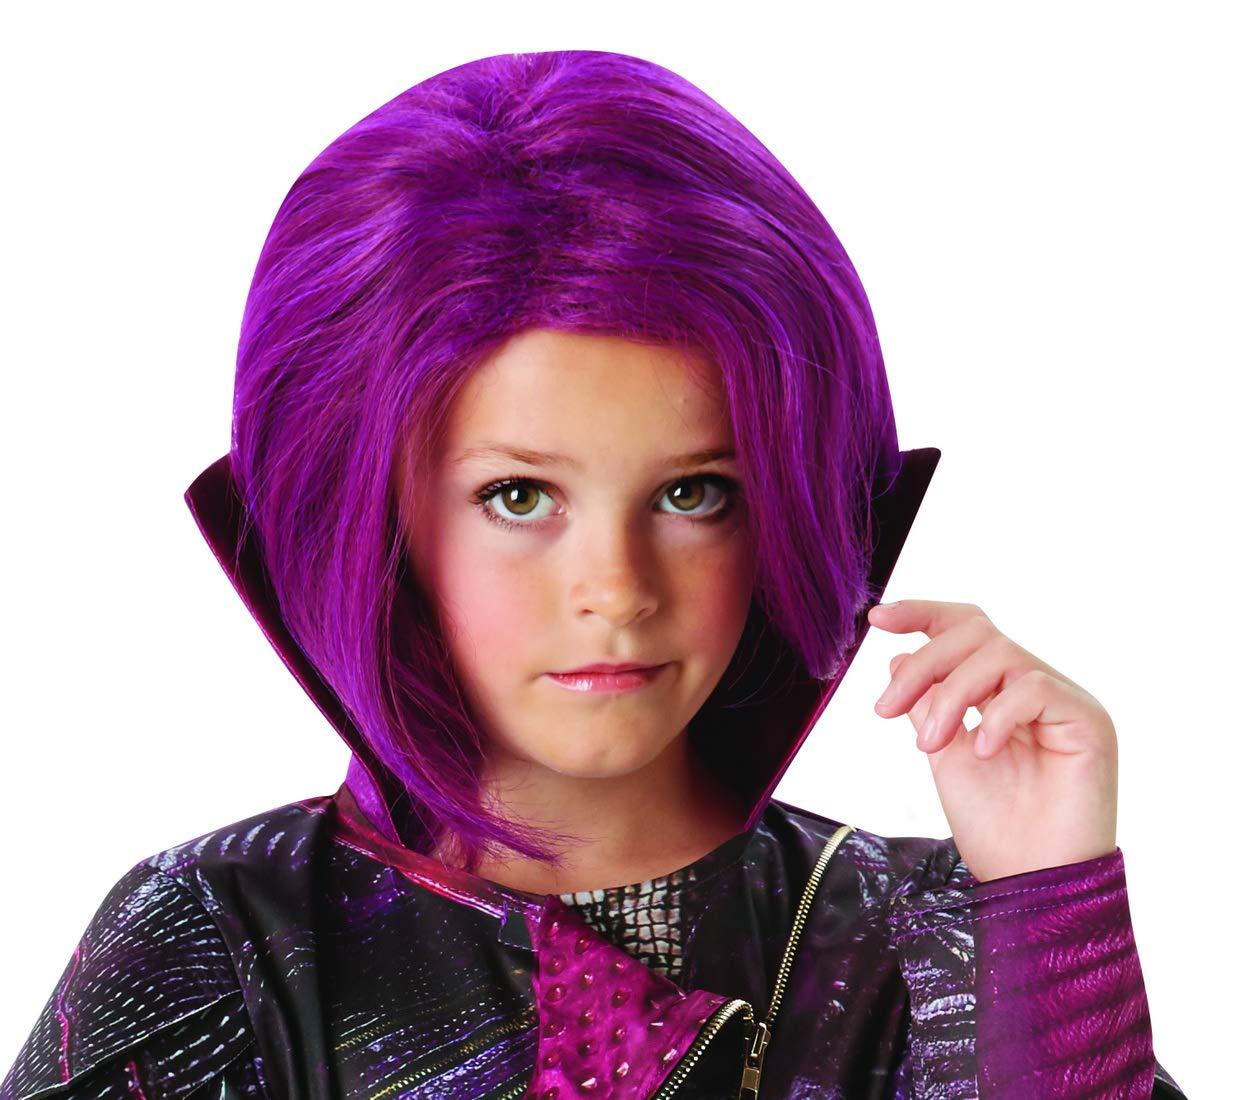 Peluca para Disfraz de Halloween para niños, Carnaval, Carnaval y Noche de Carnaval, Color Lila: Amazon.es: Juguetes y juegos